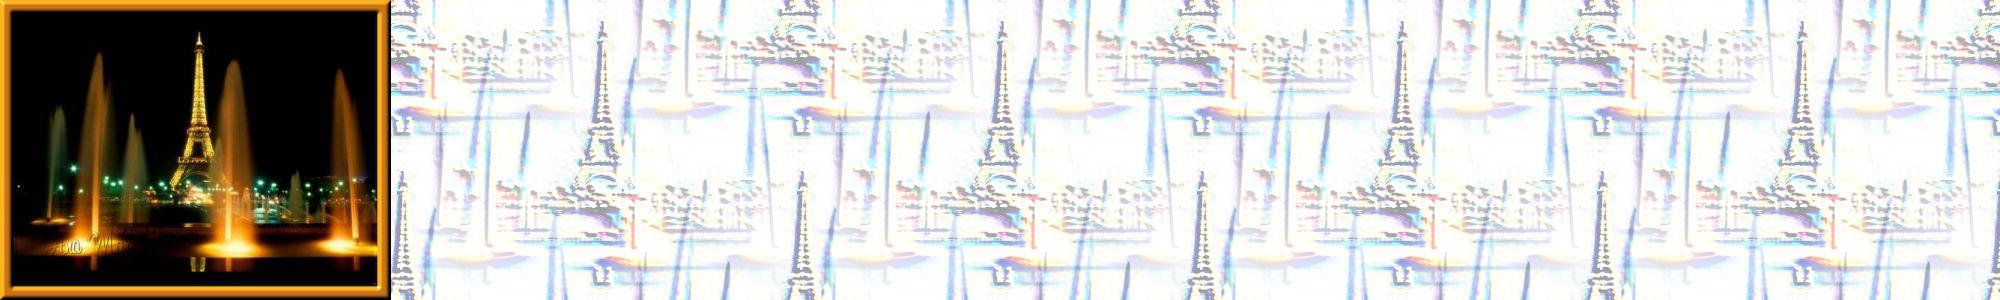 Fondo IM ciudades_torre_eiffel_003.imf